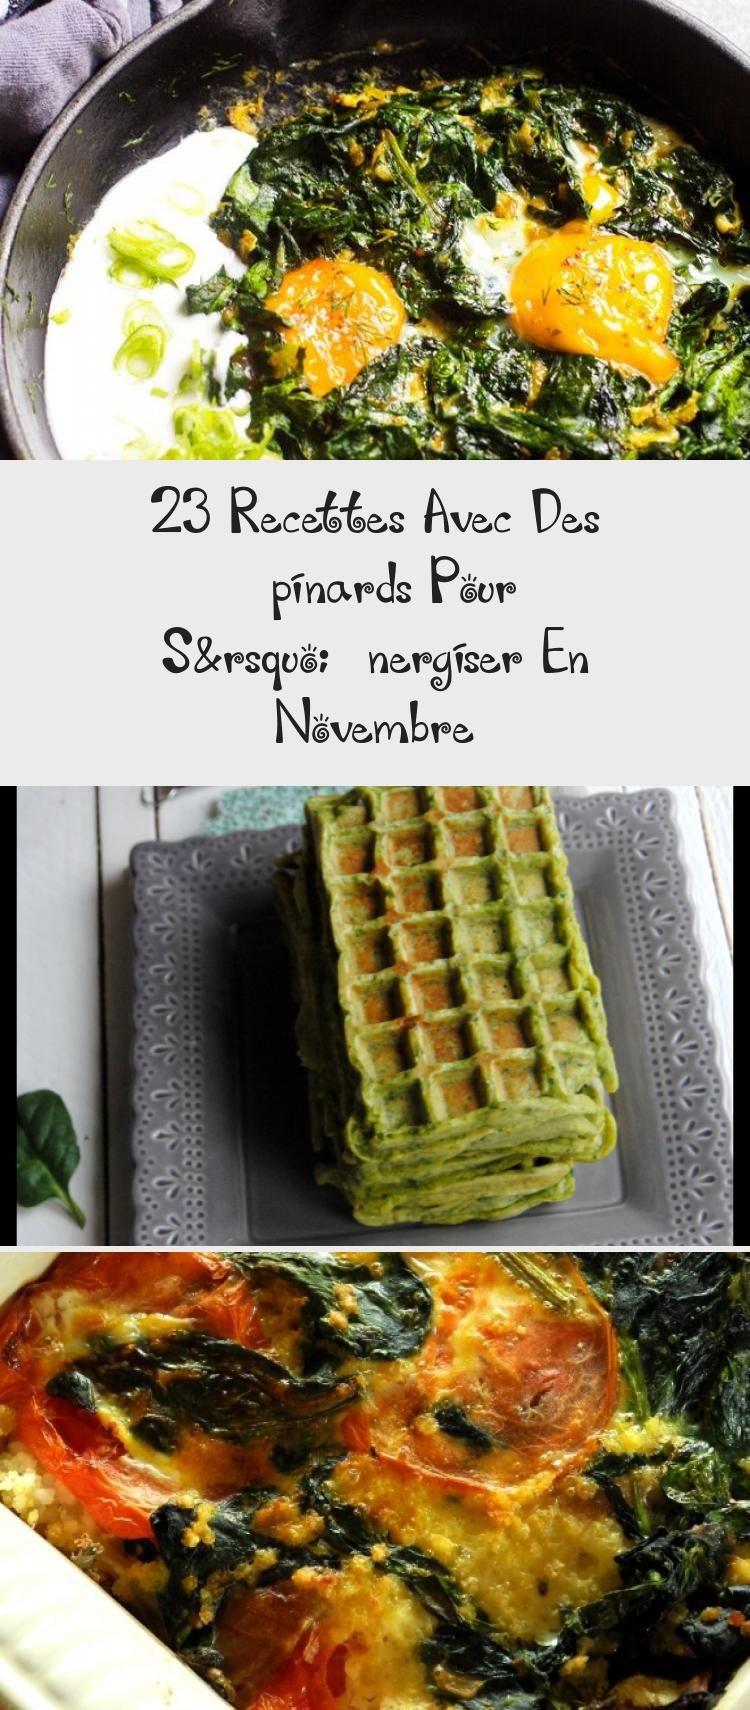 23 Recettes Avec Des épinards Pour S'énergiser En Novembre